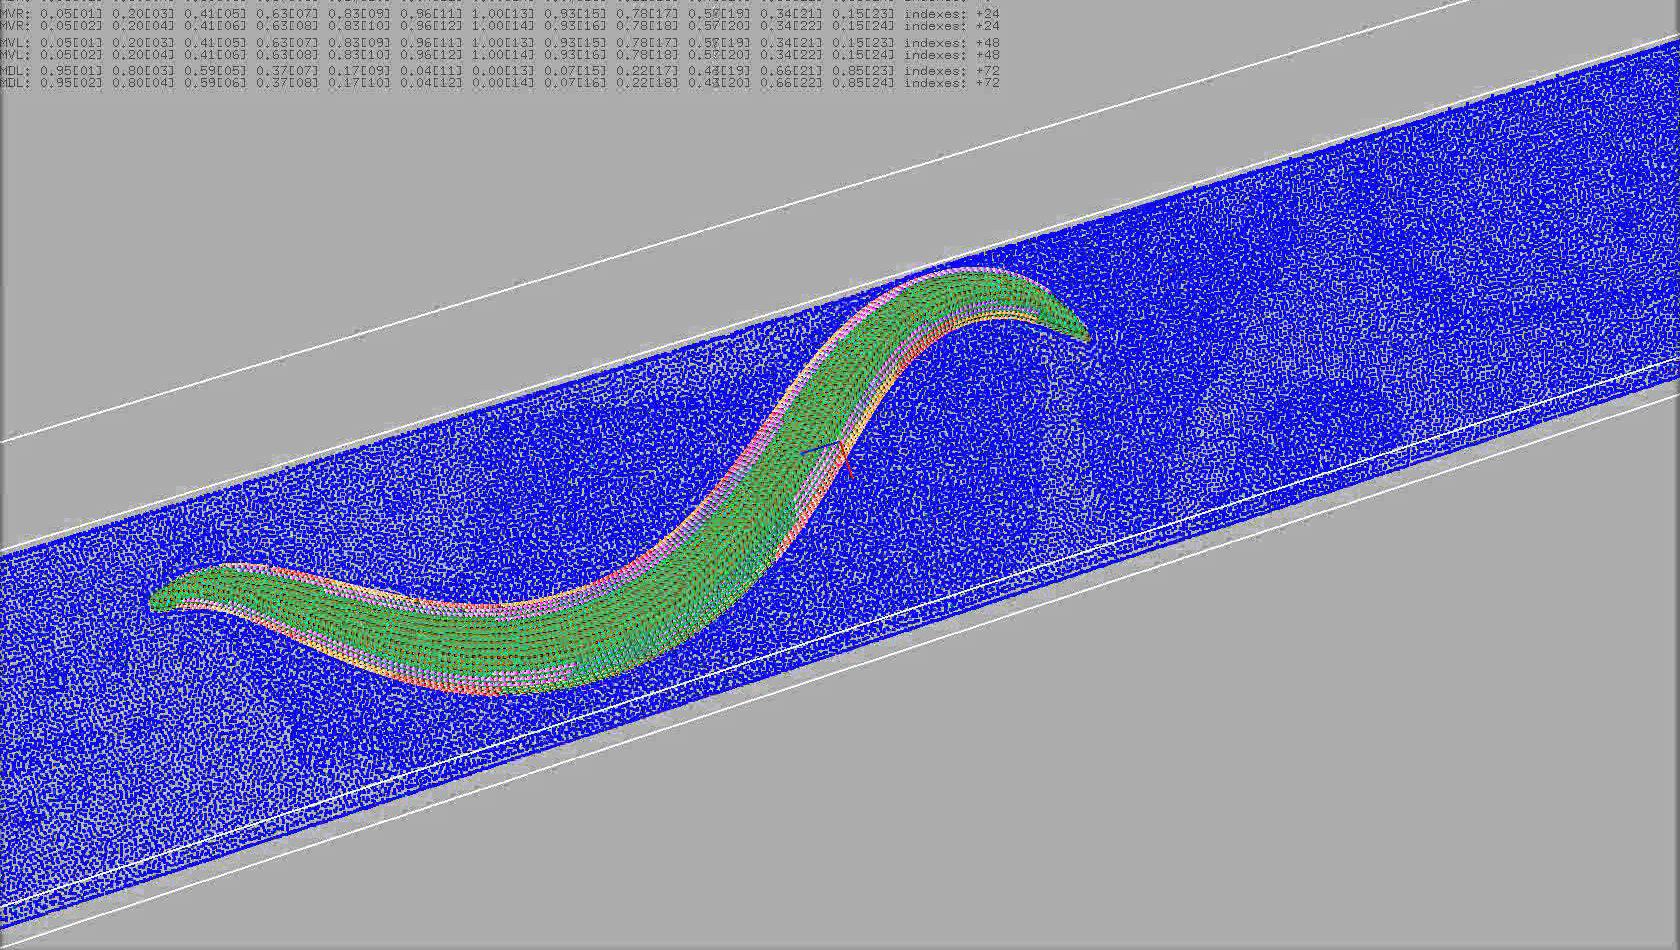 Представлена цифровая модель извивающегося червя